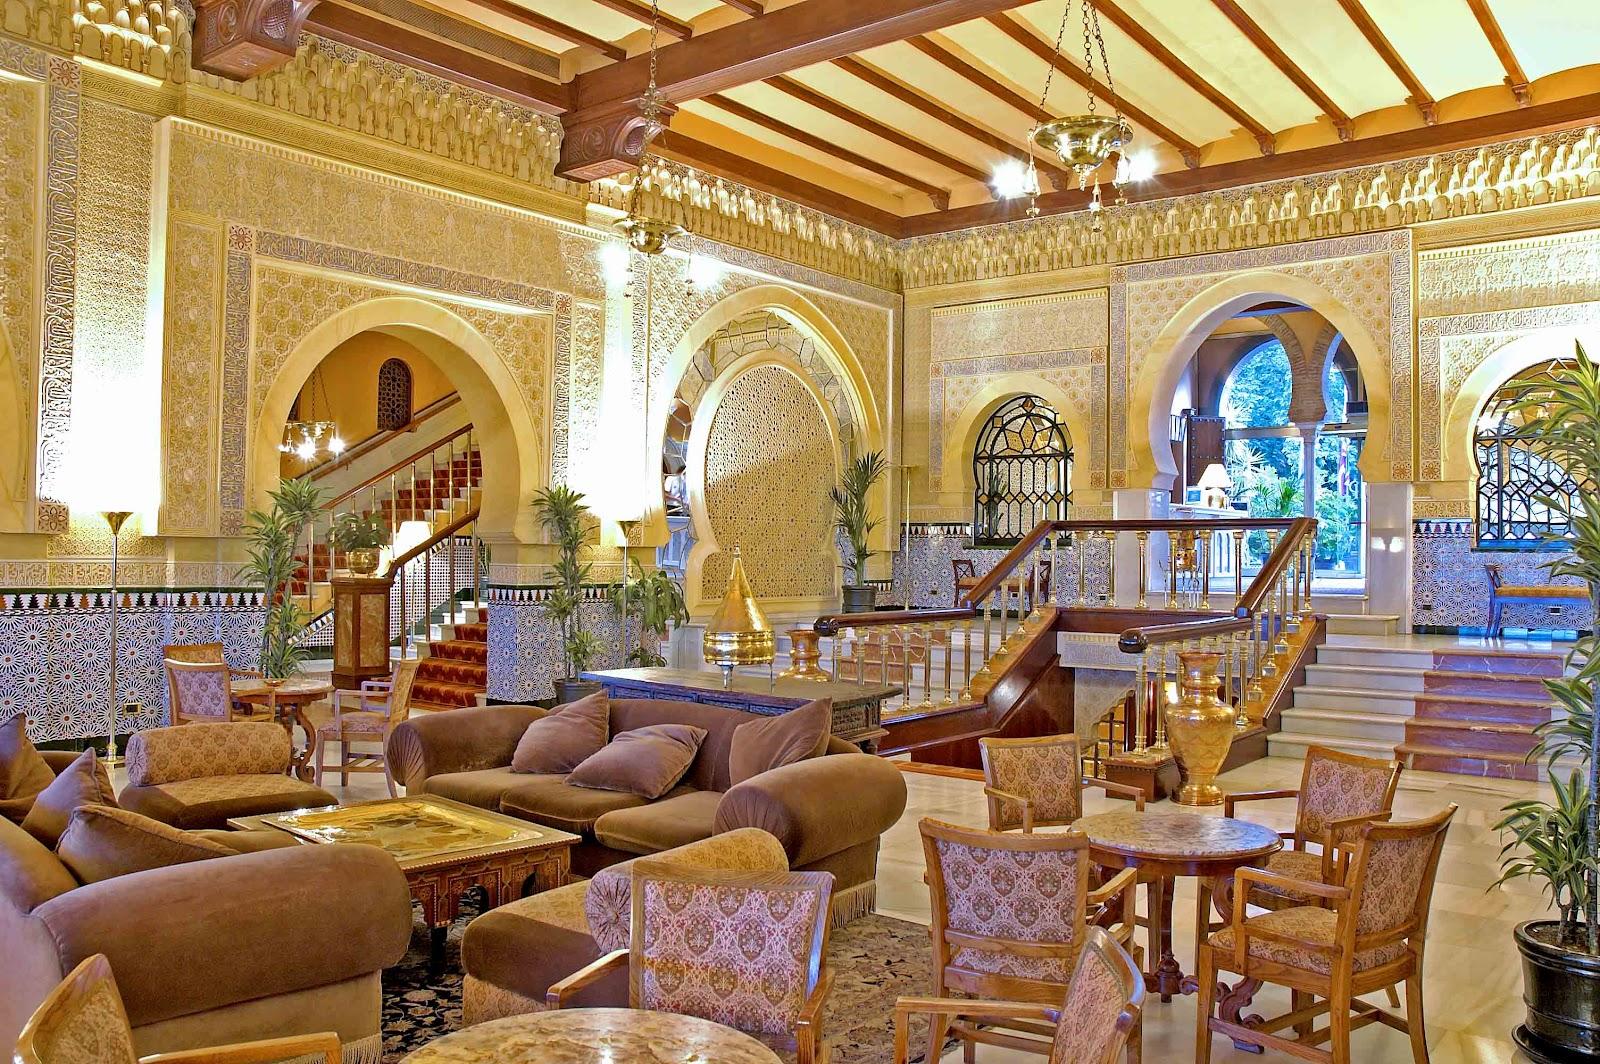 Finde feliz una ocasi n de lujo para visitar granada este verano - Hoteles de lujo granada ...